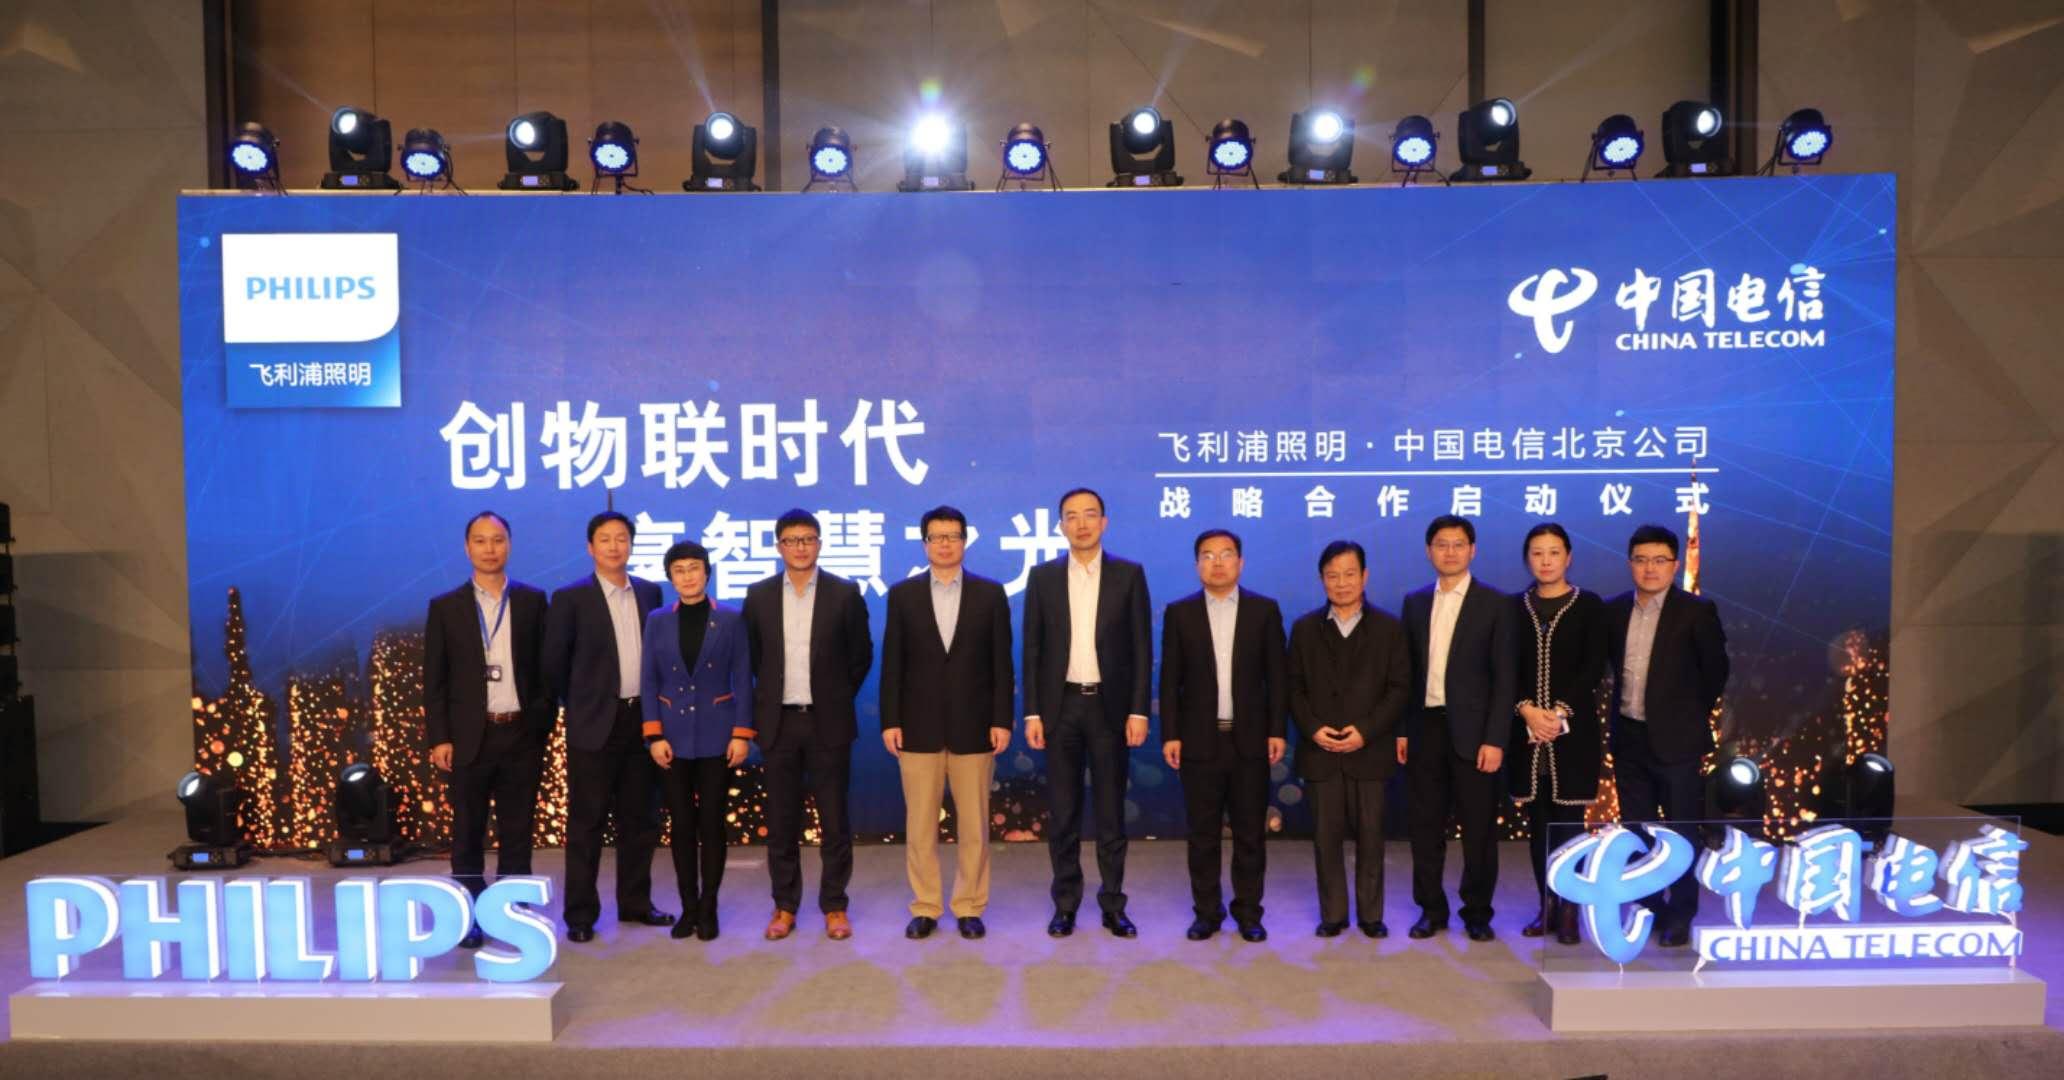 点亮智慧城市 北京电信与飞利浦照明达成战略合作